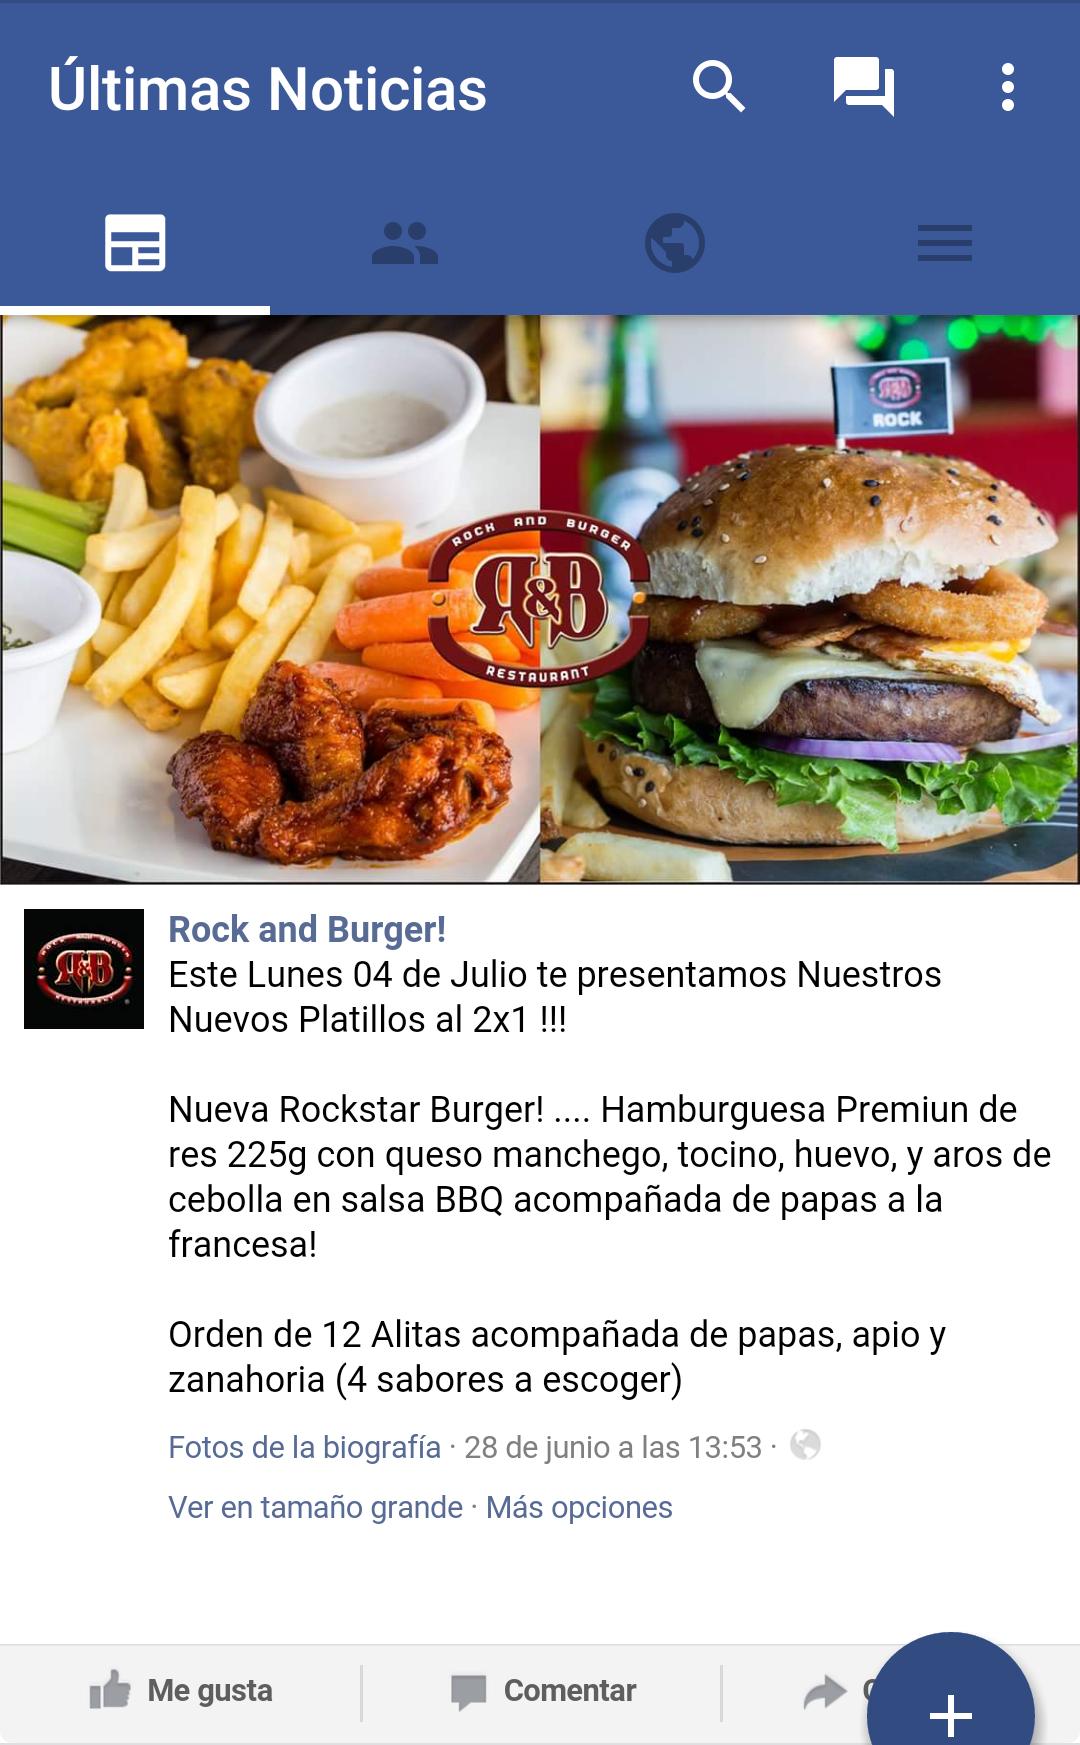 Rock & Burger Veracruz: 2x1 en Rockstar Burger y Orden de 12 Alitas el 4 de Julio